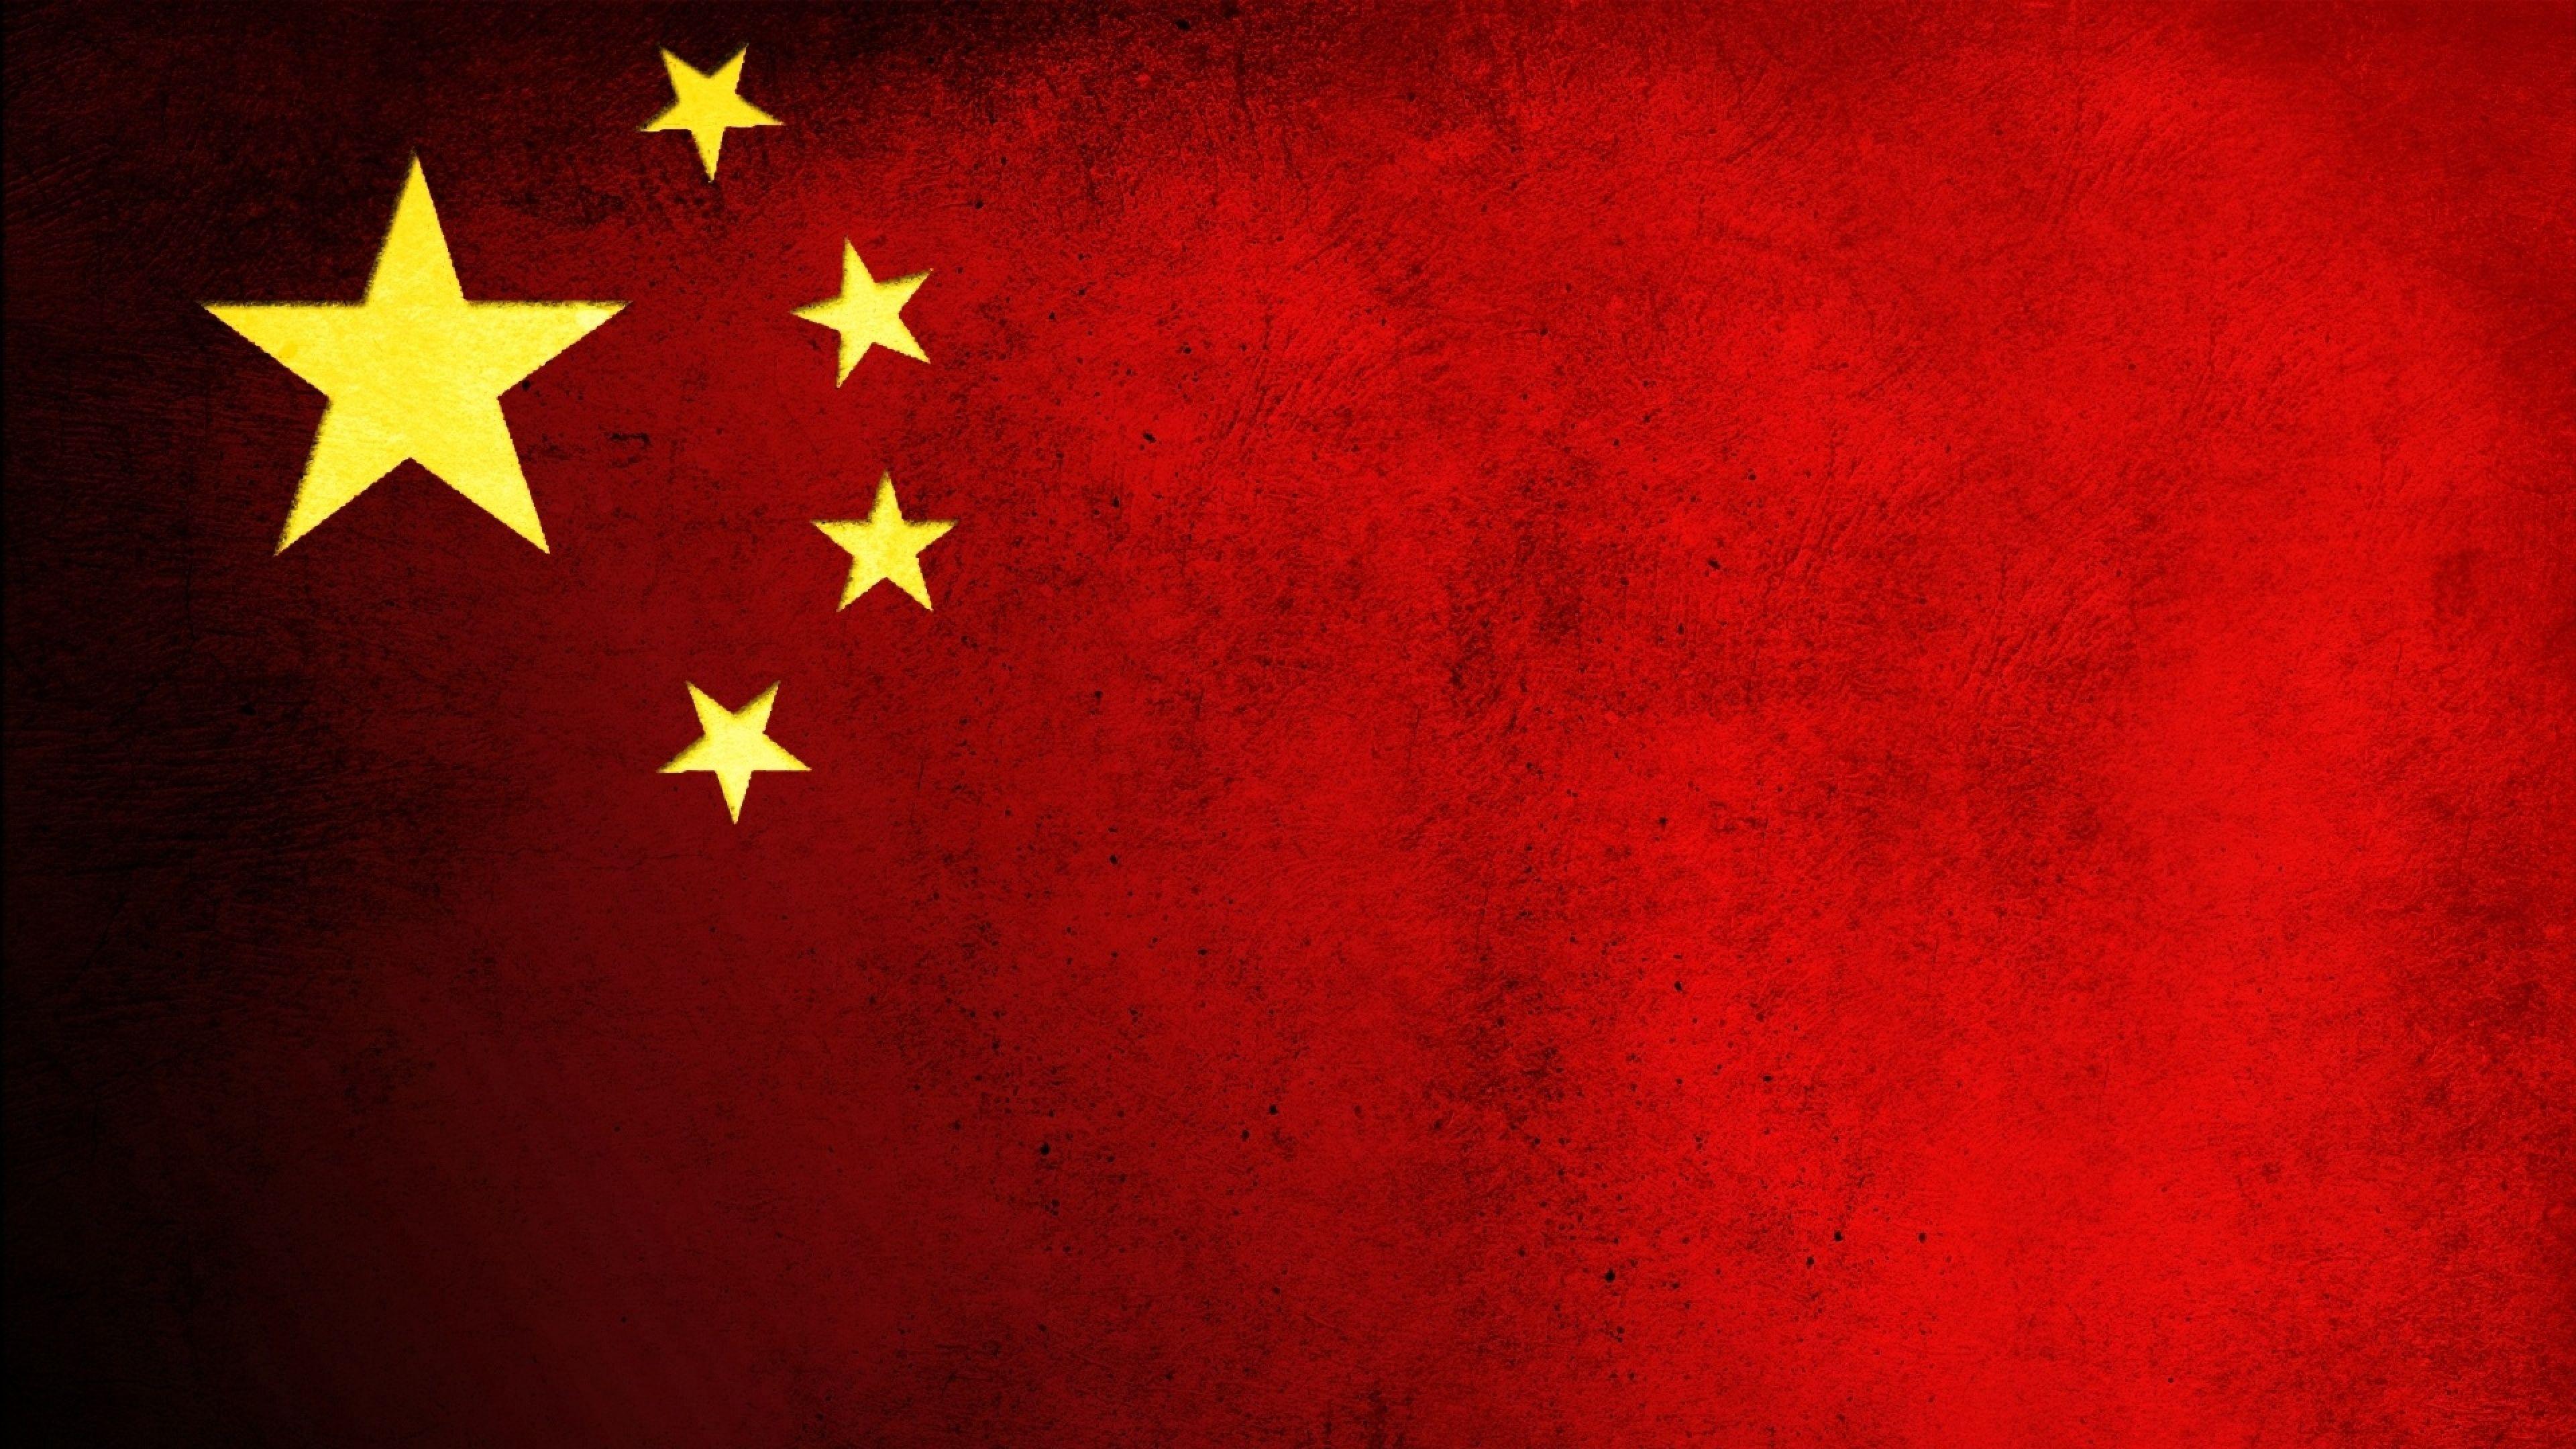 中国国旗_求下面这张中国国旗的图片高清图!_百度知道